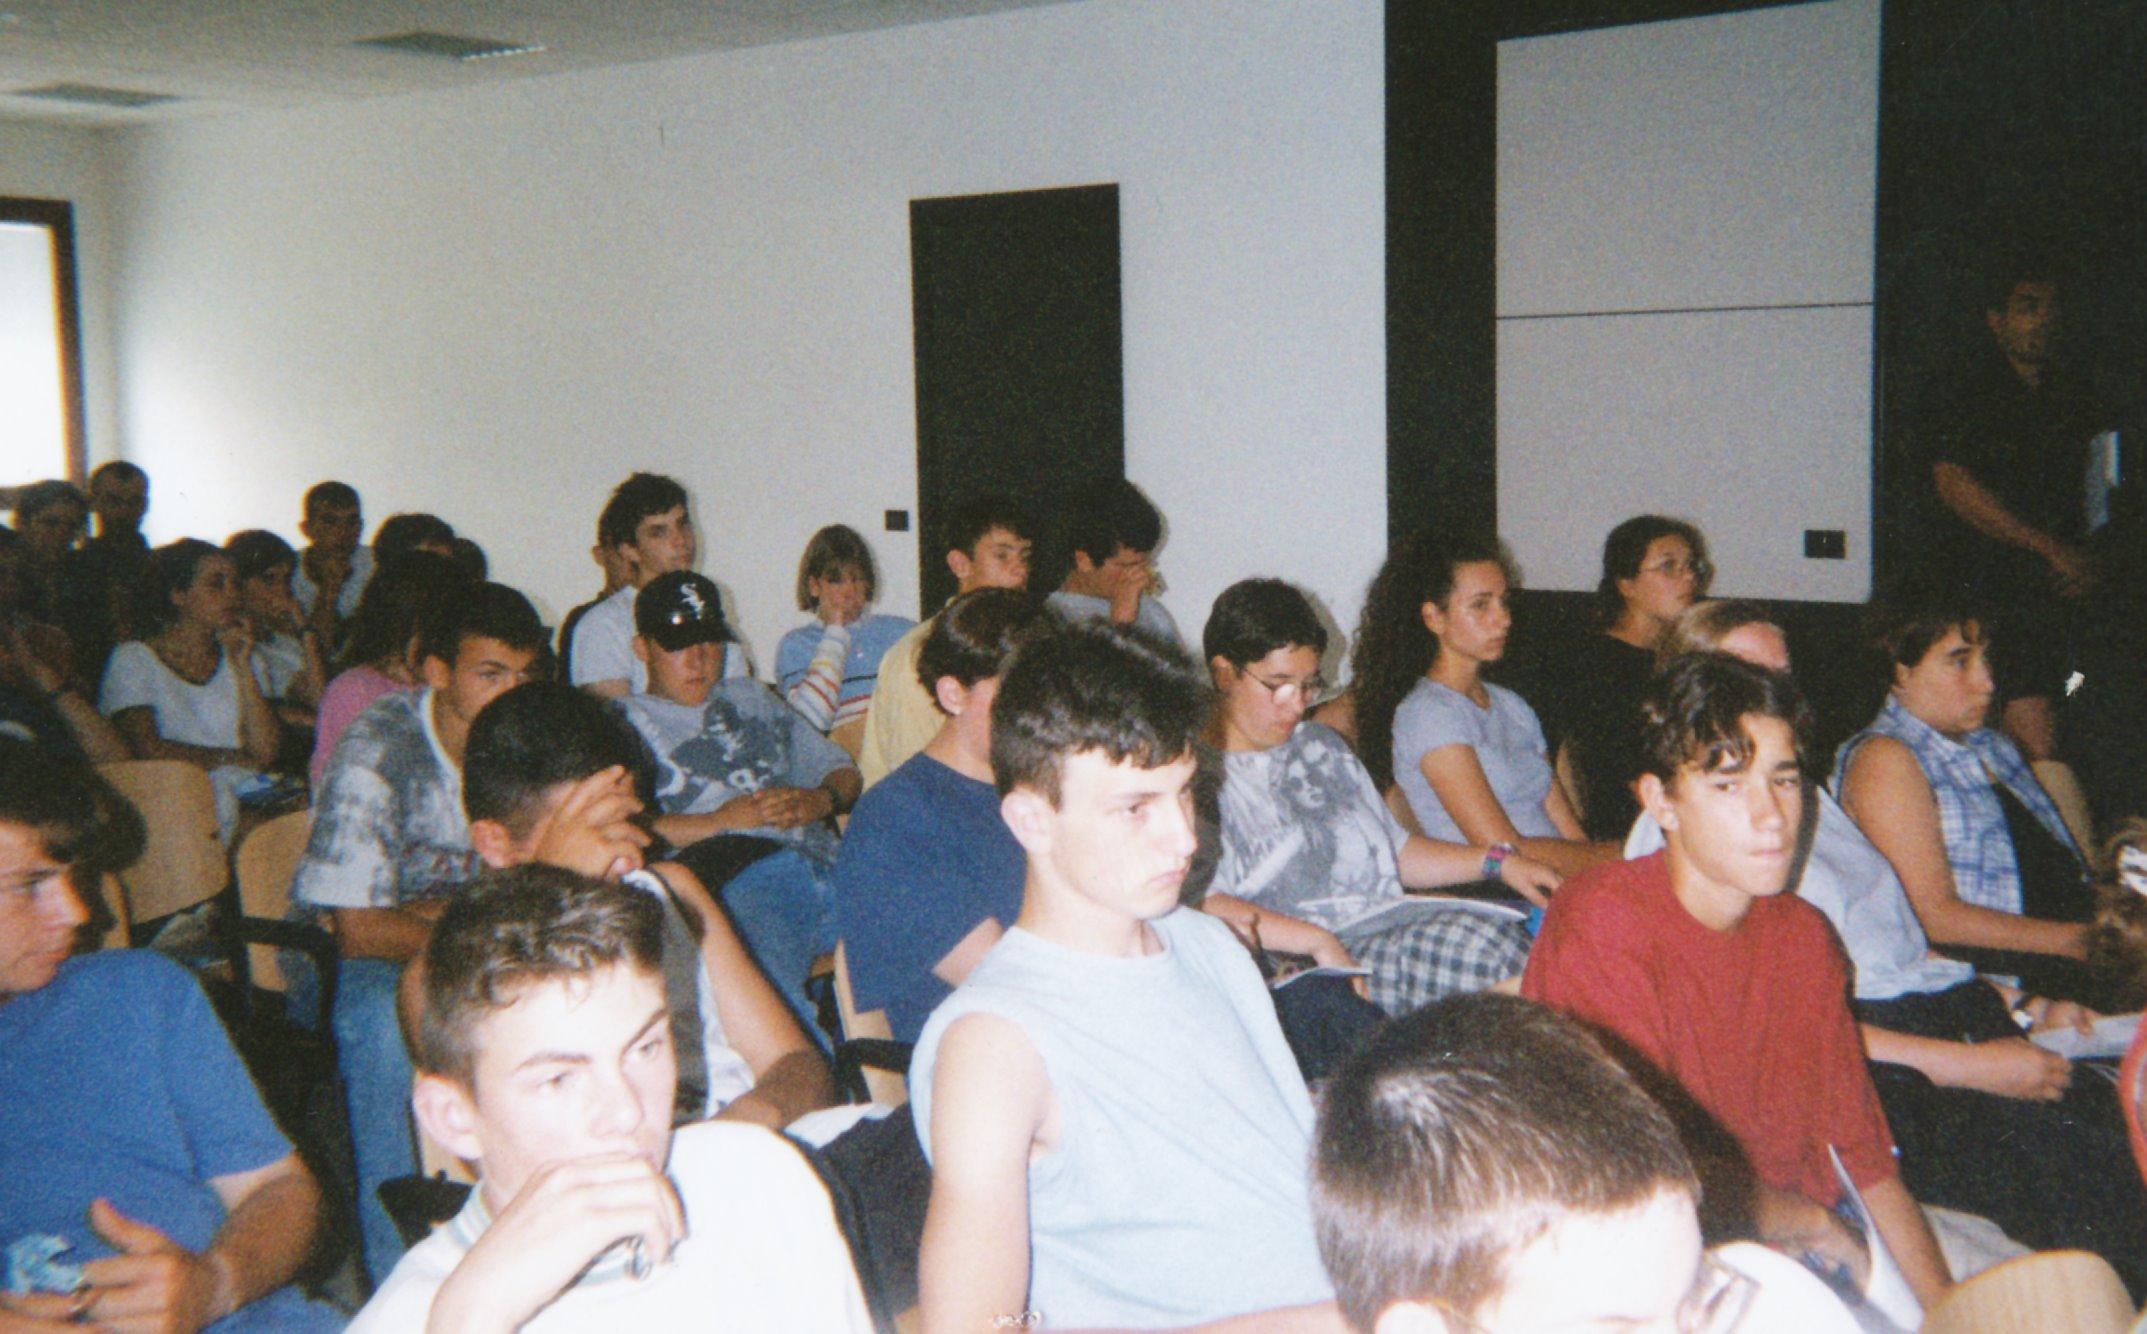 Archives anciens élèves mfr puy-sec 1995 (9)